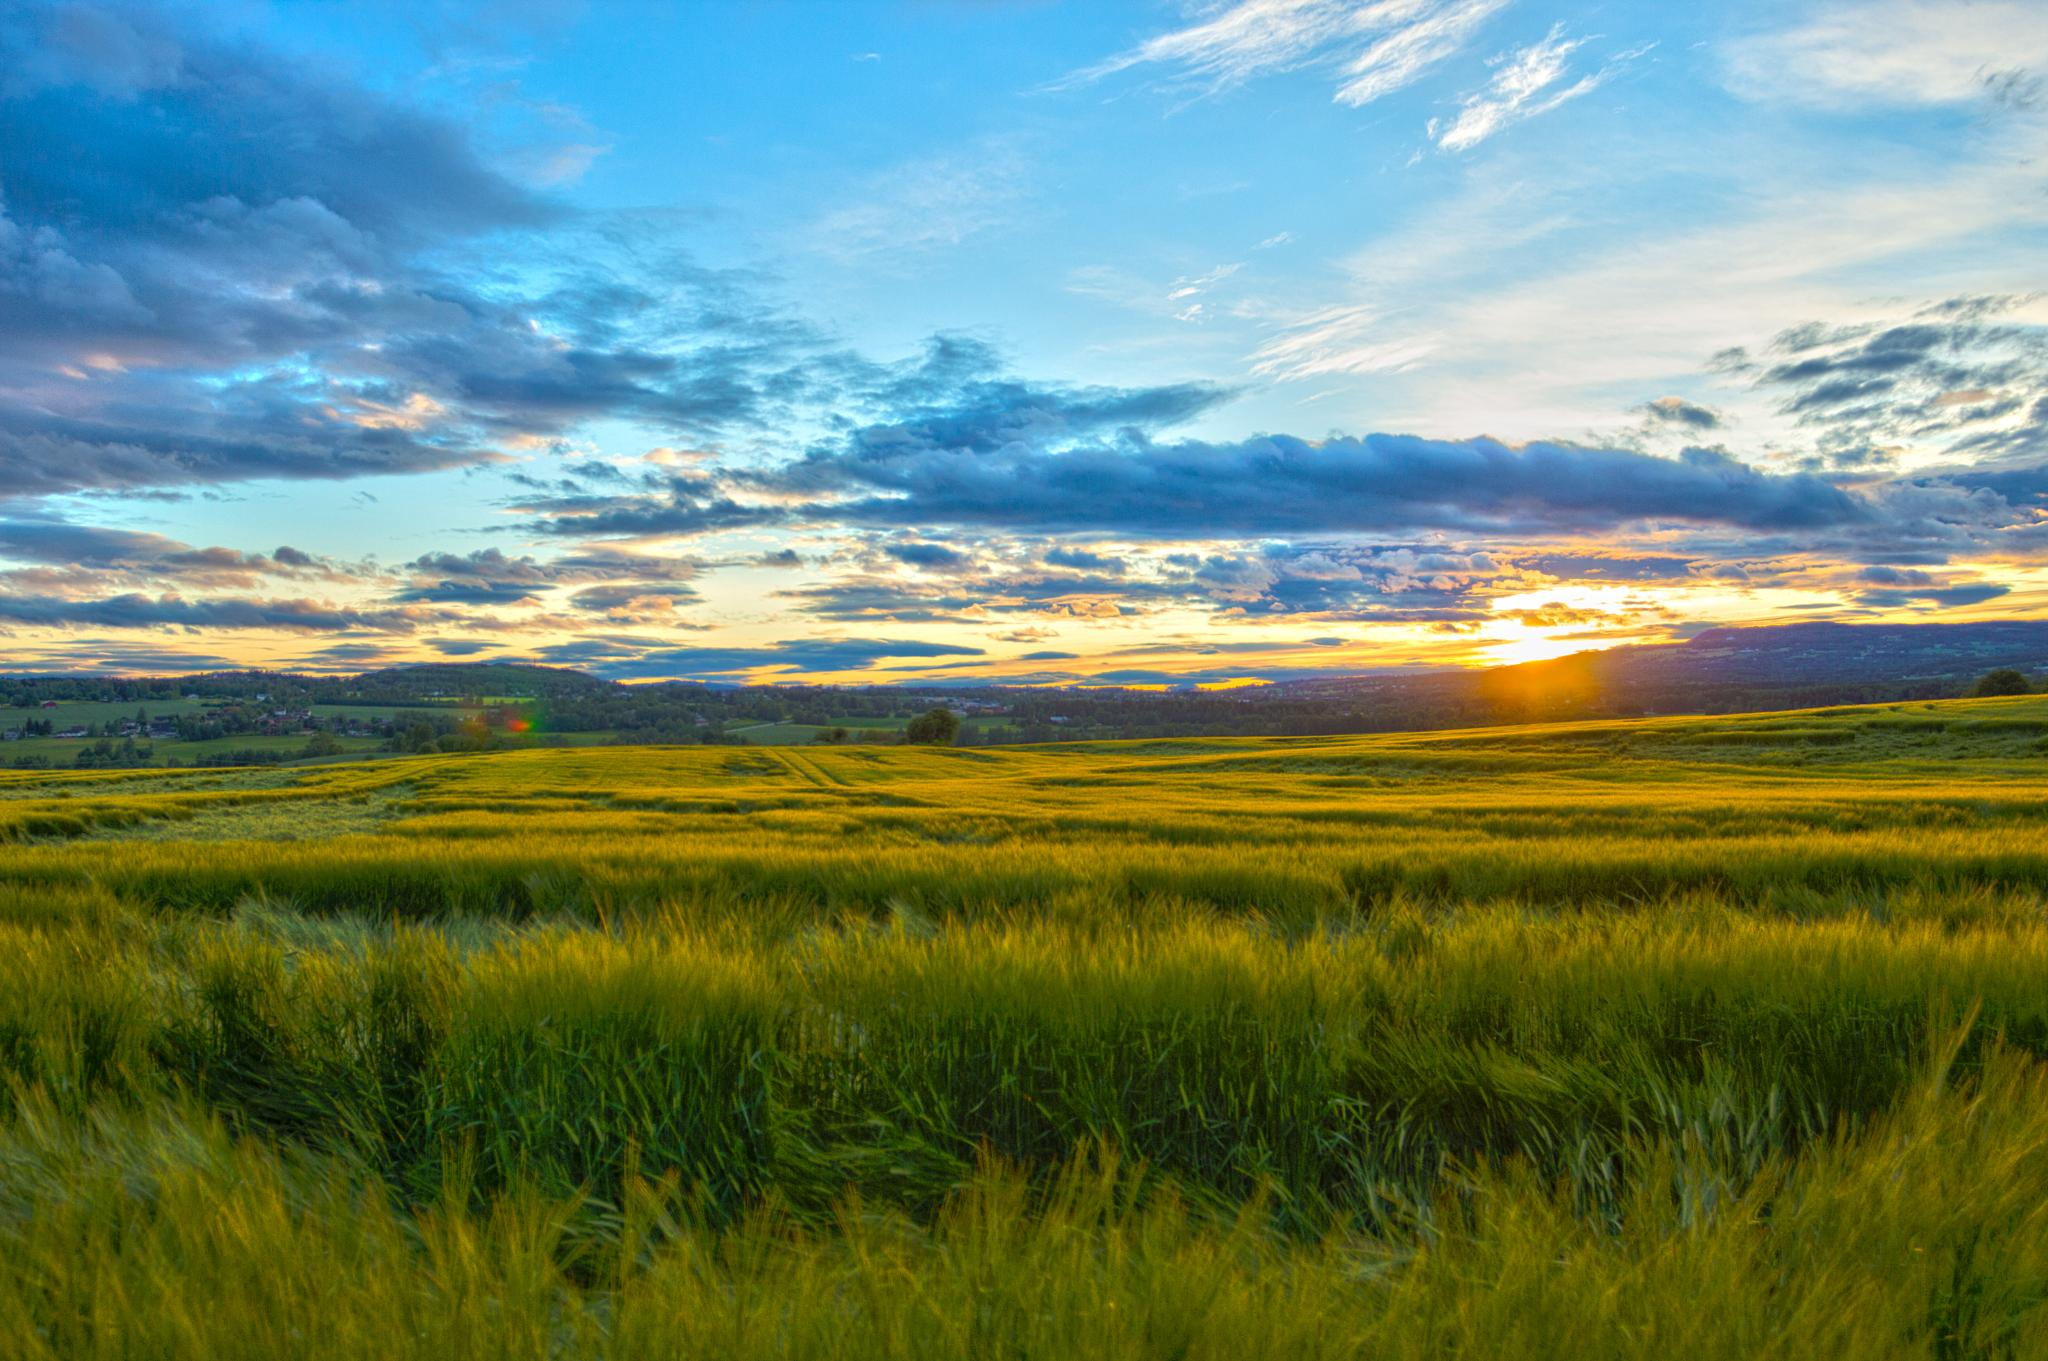 Norwegian Countryside Sunset by Caplino